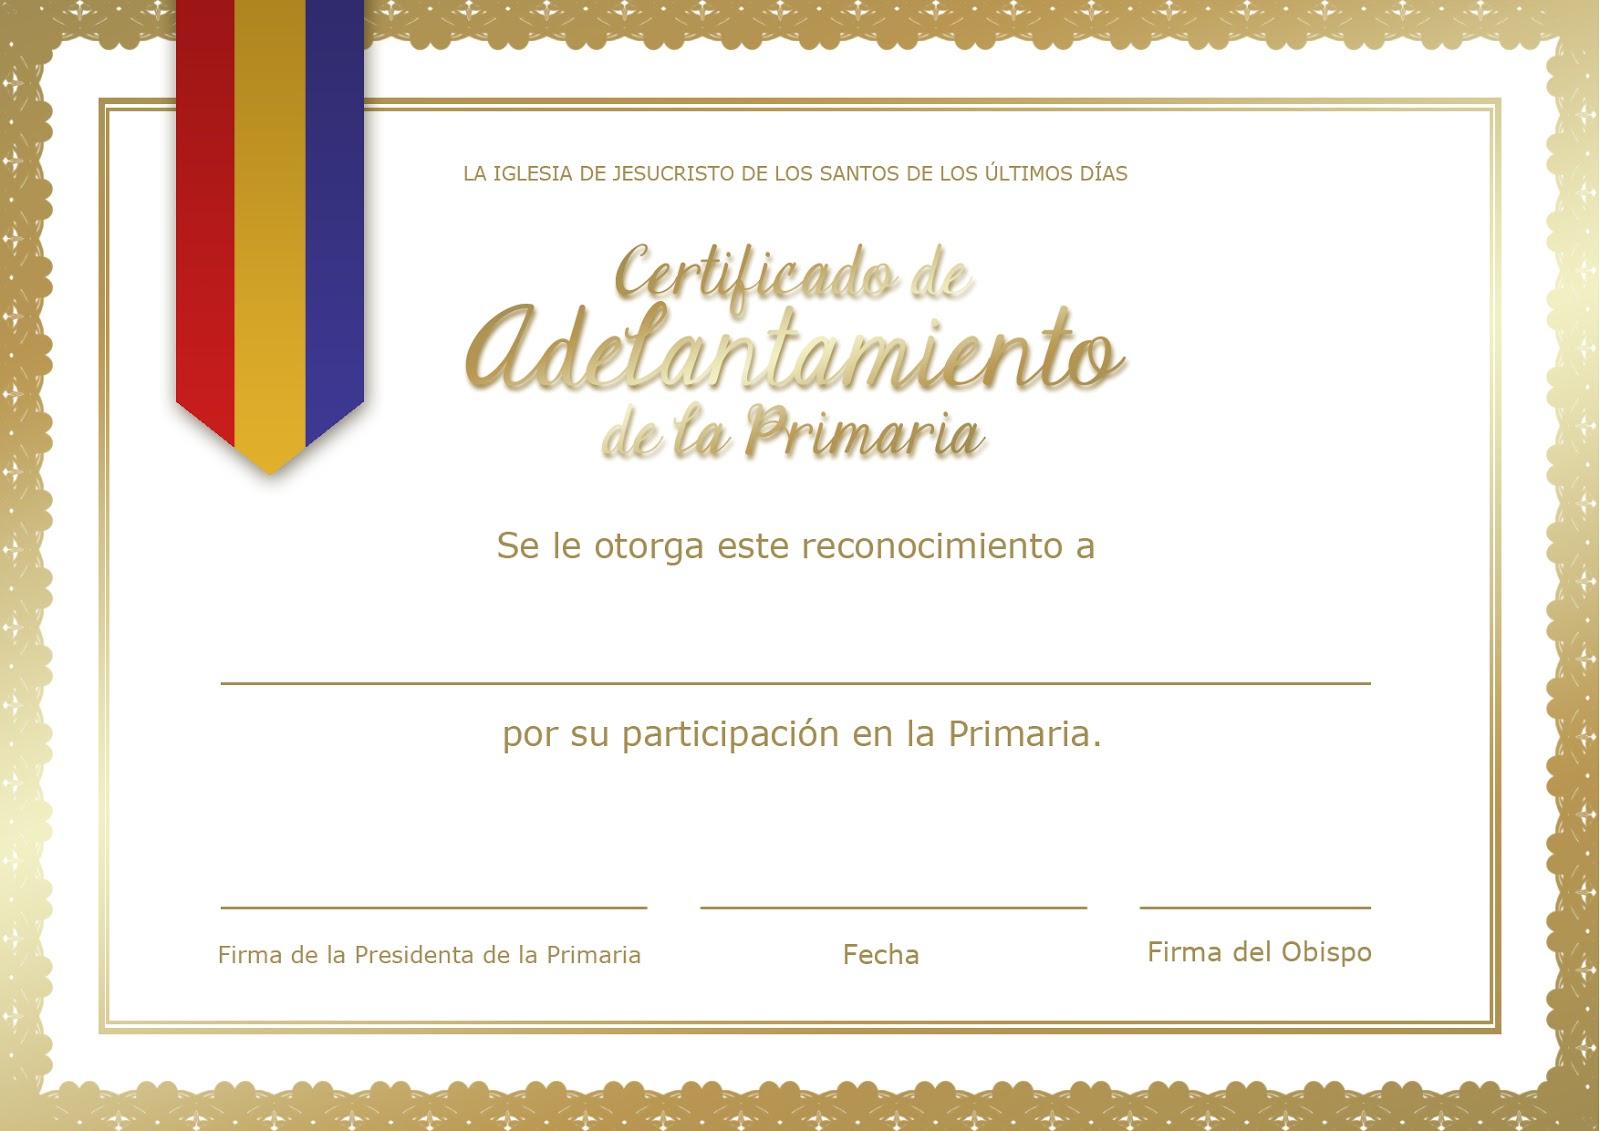 certificado+de+adelantamiento.jpg